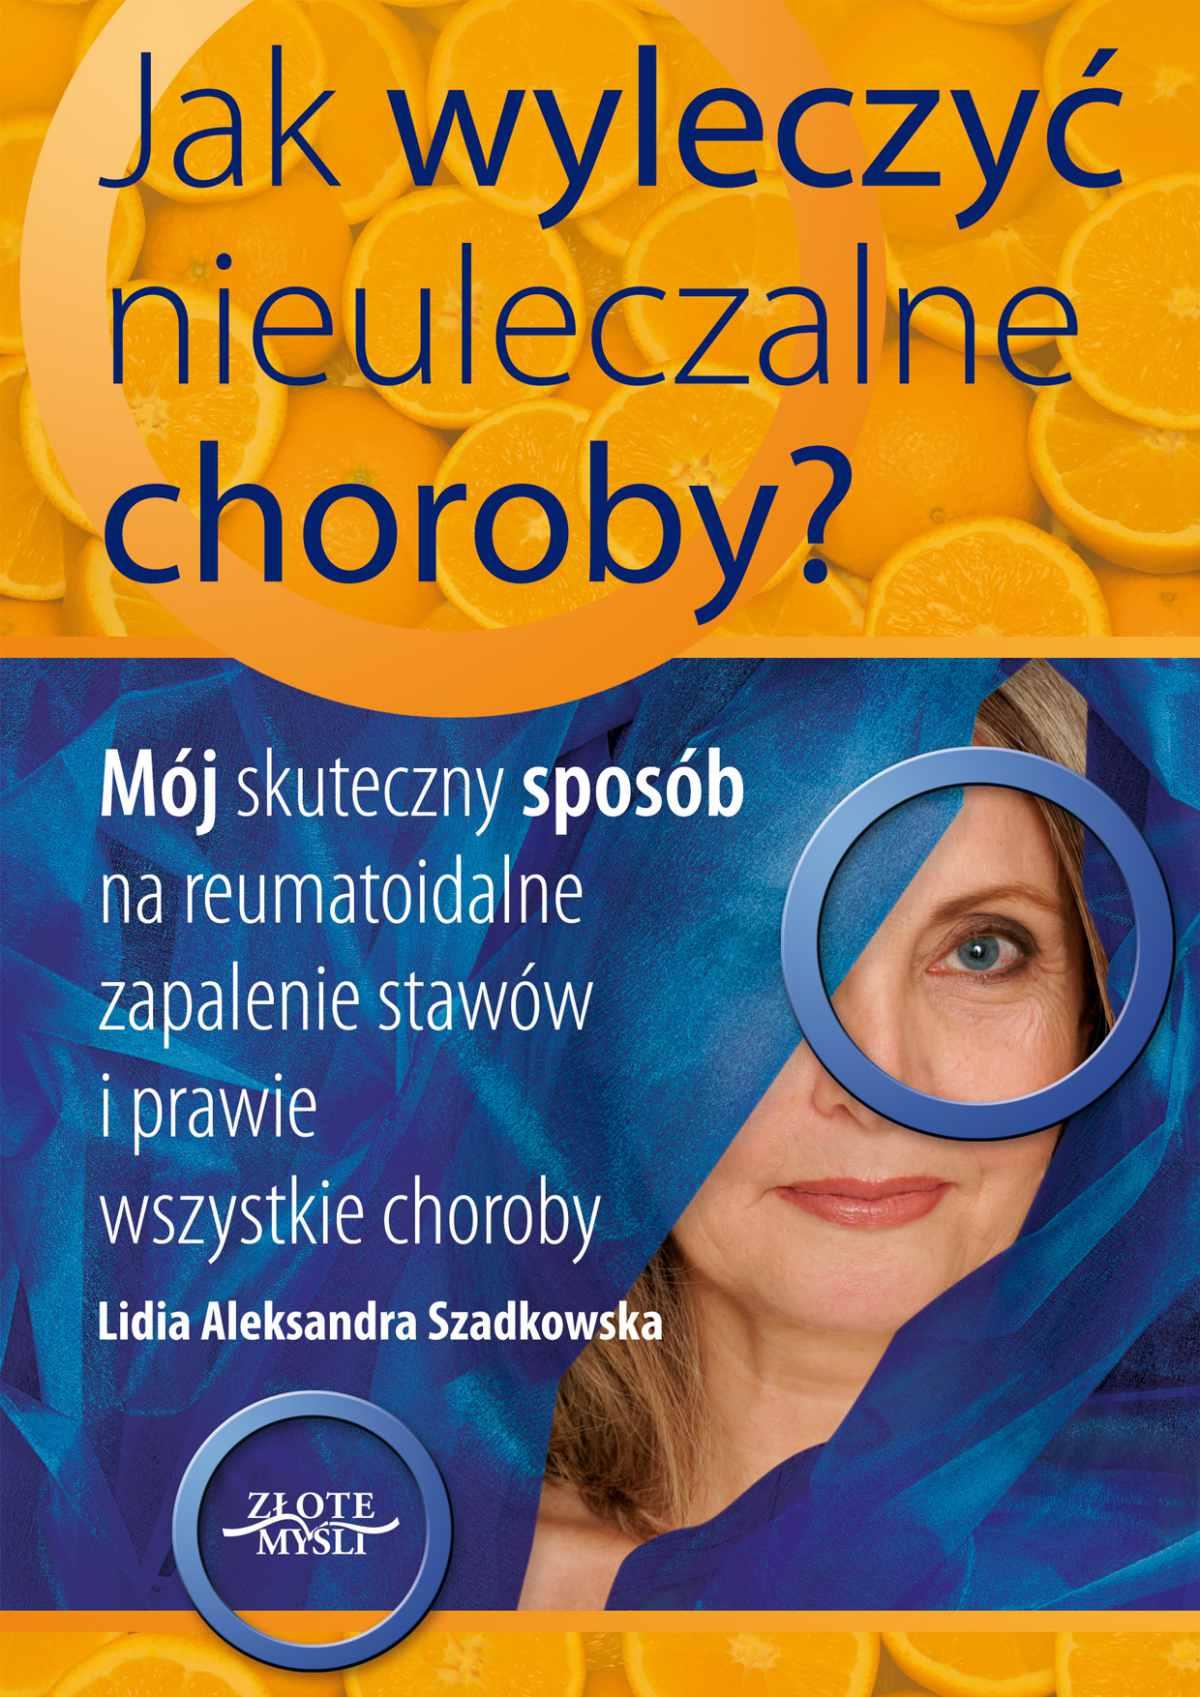 Jak wyleczyć nieuleczalne choroby - Ebook (Książka EPUB) do pobrania w formacie EPUB